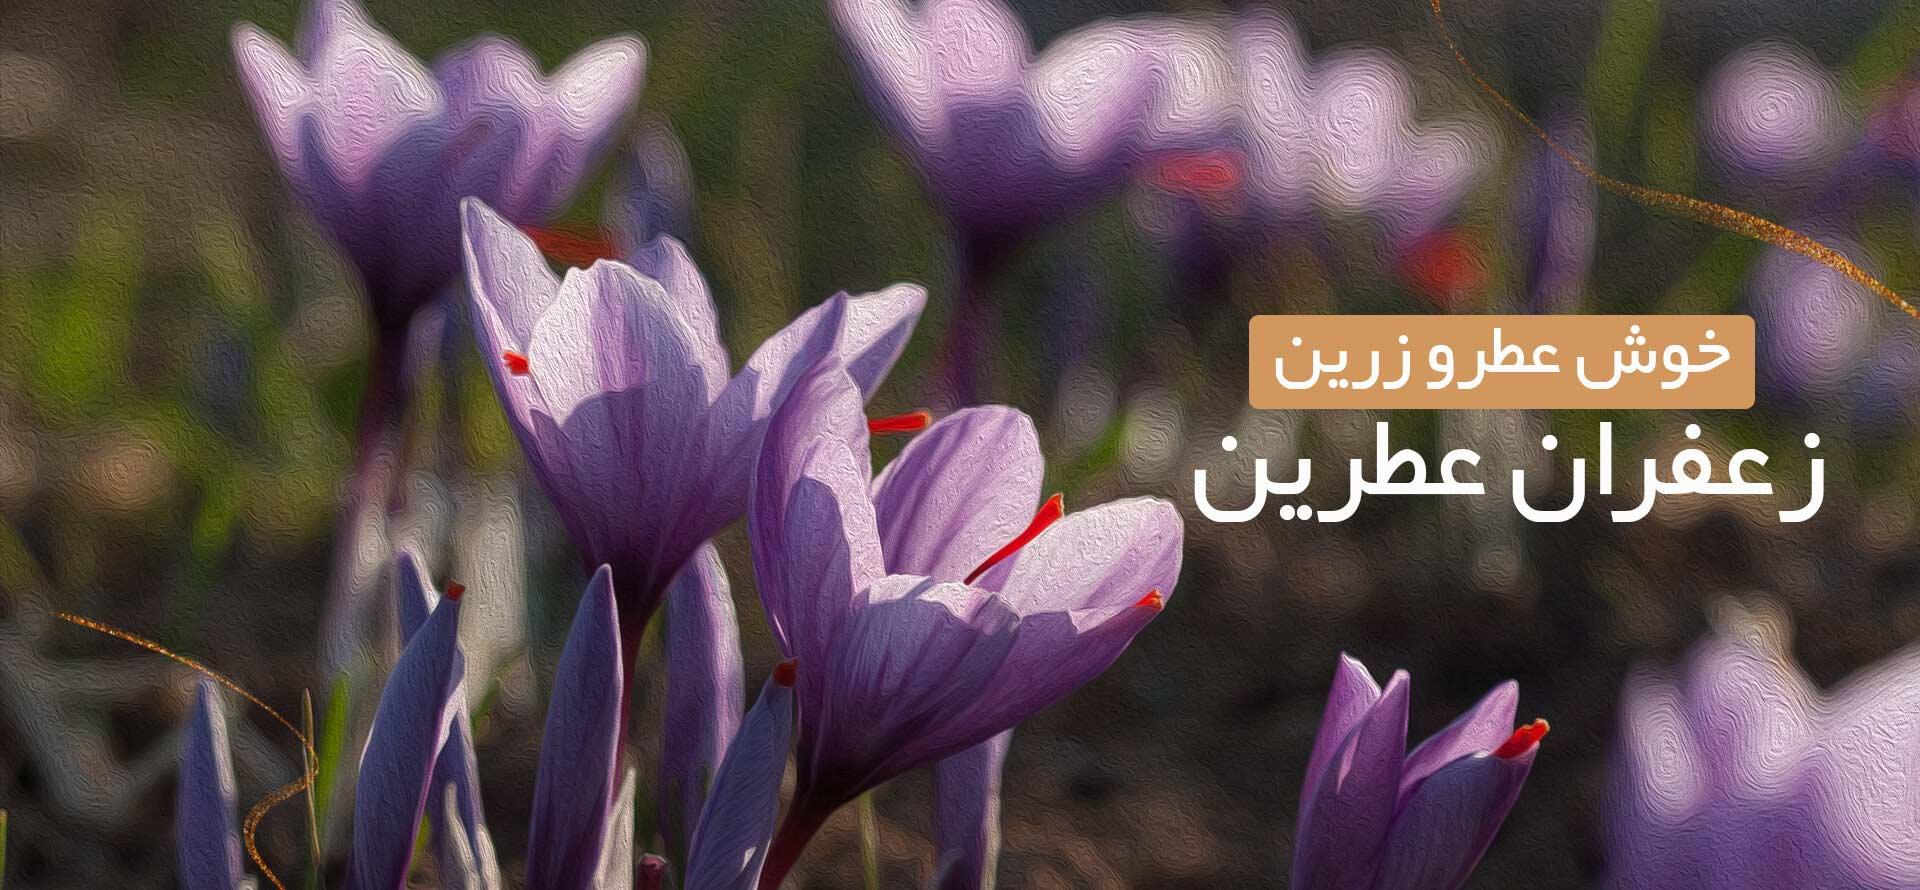 خرید زعفران: فروشگاه اینترنتی زعفران عطرین